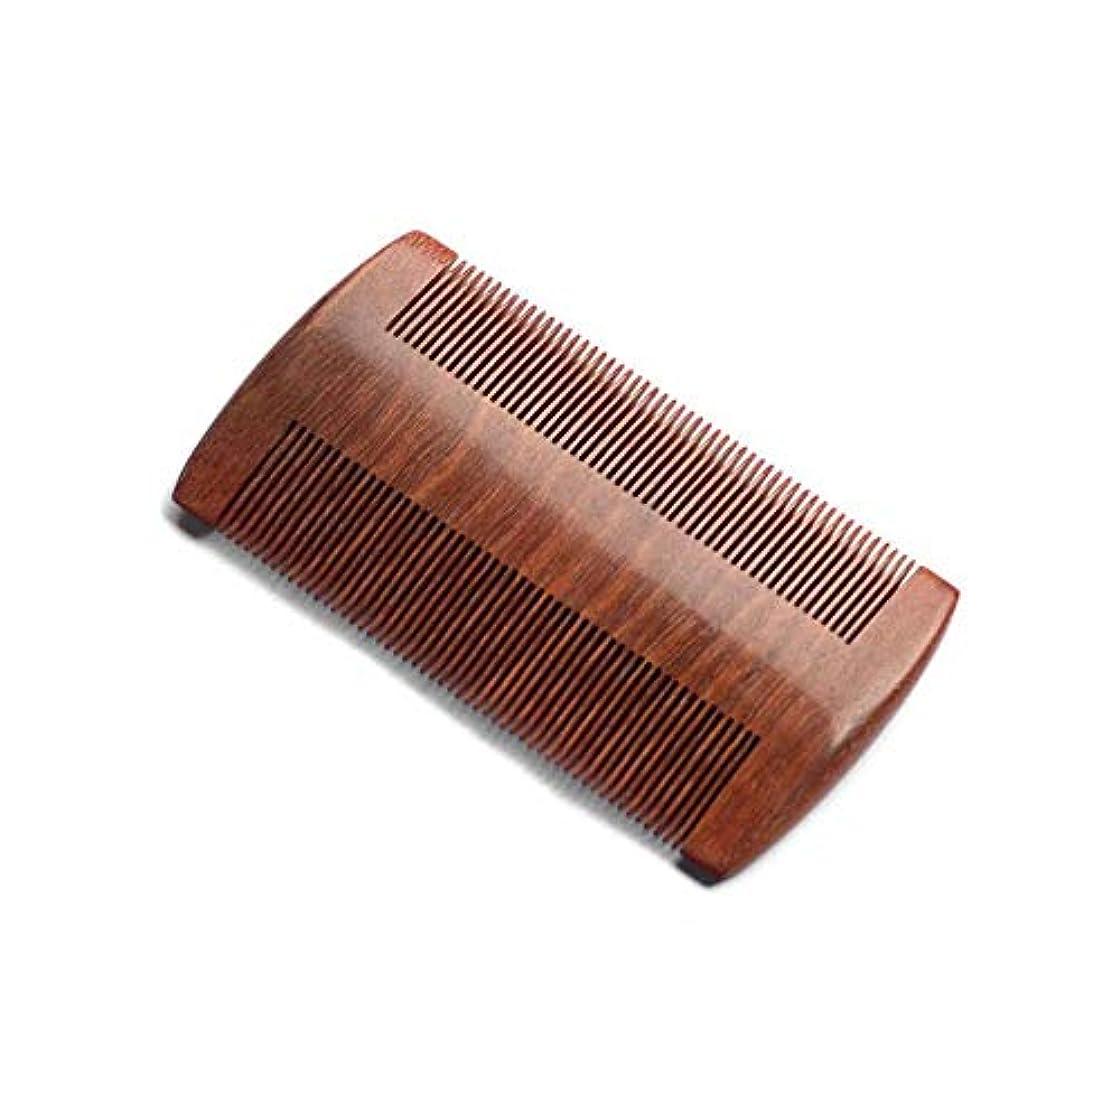 ロータリーために座標ZYDP 細かいコンパクトな歯赤白檀の髪の櫛手作りの櫛帯電防止髪の櫛